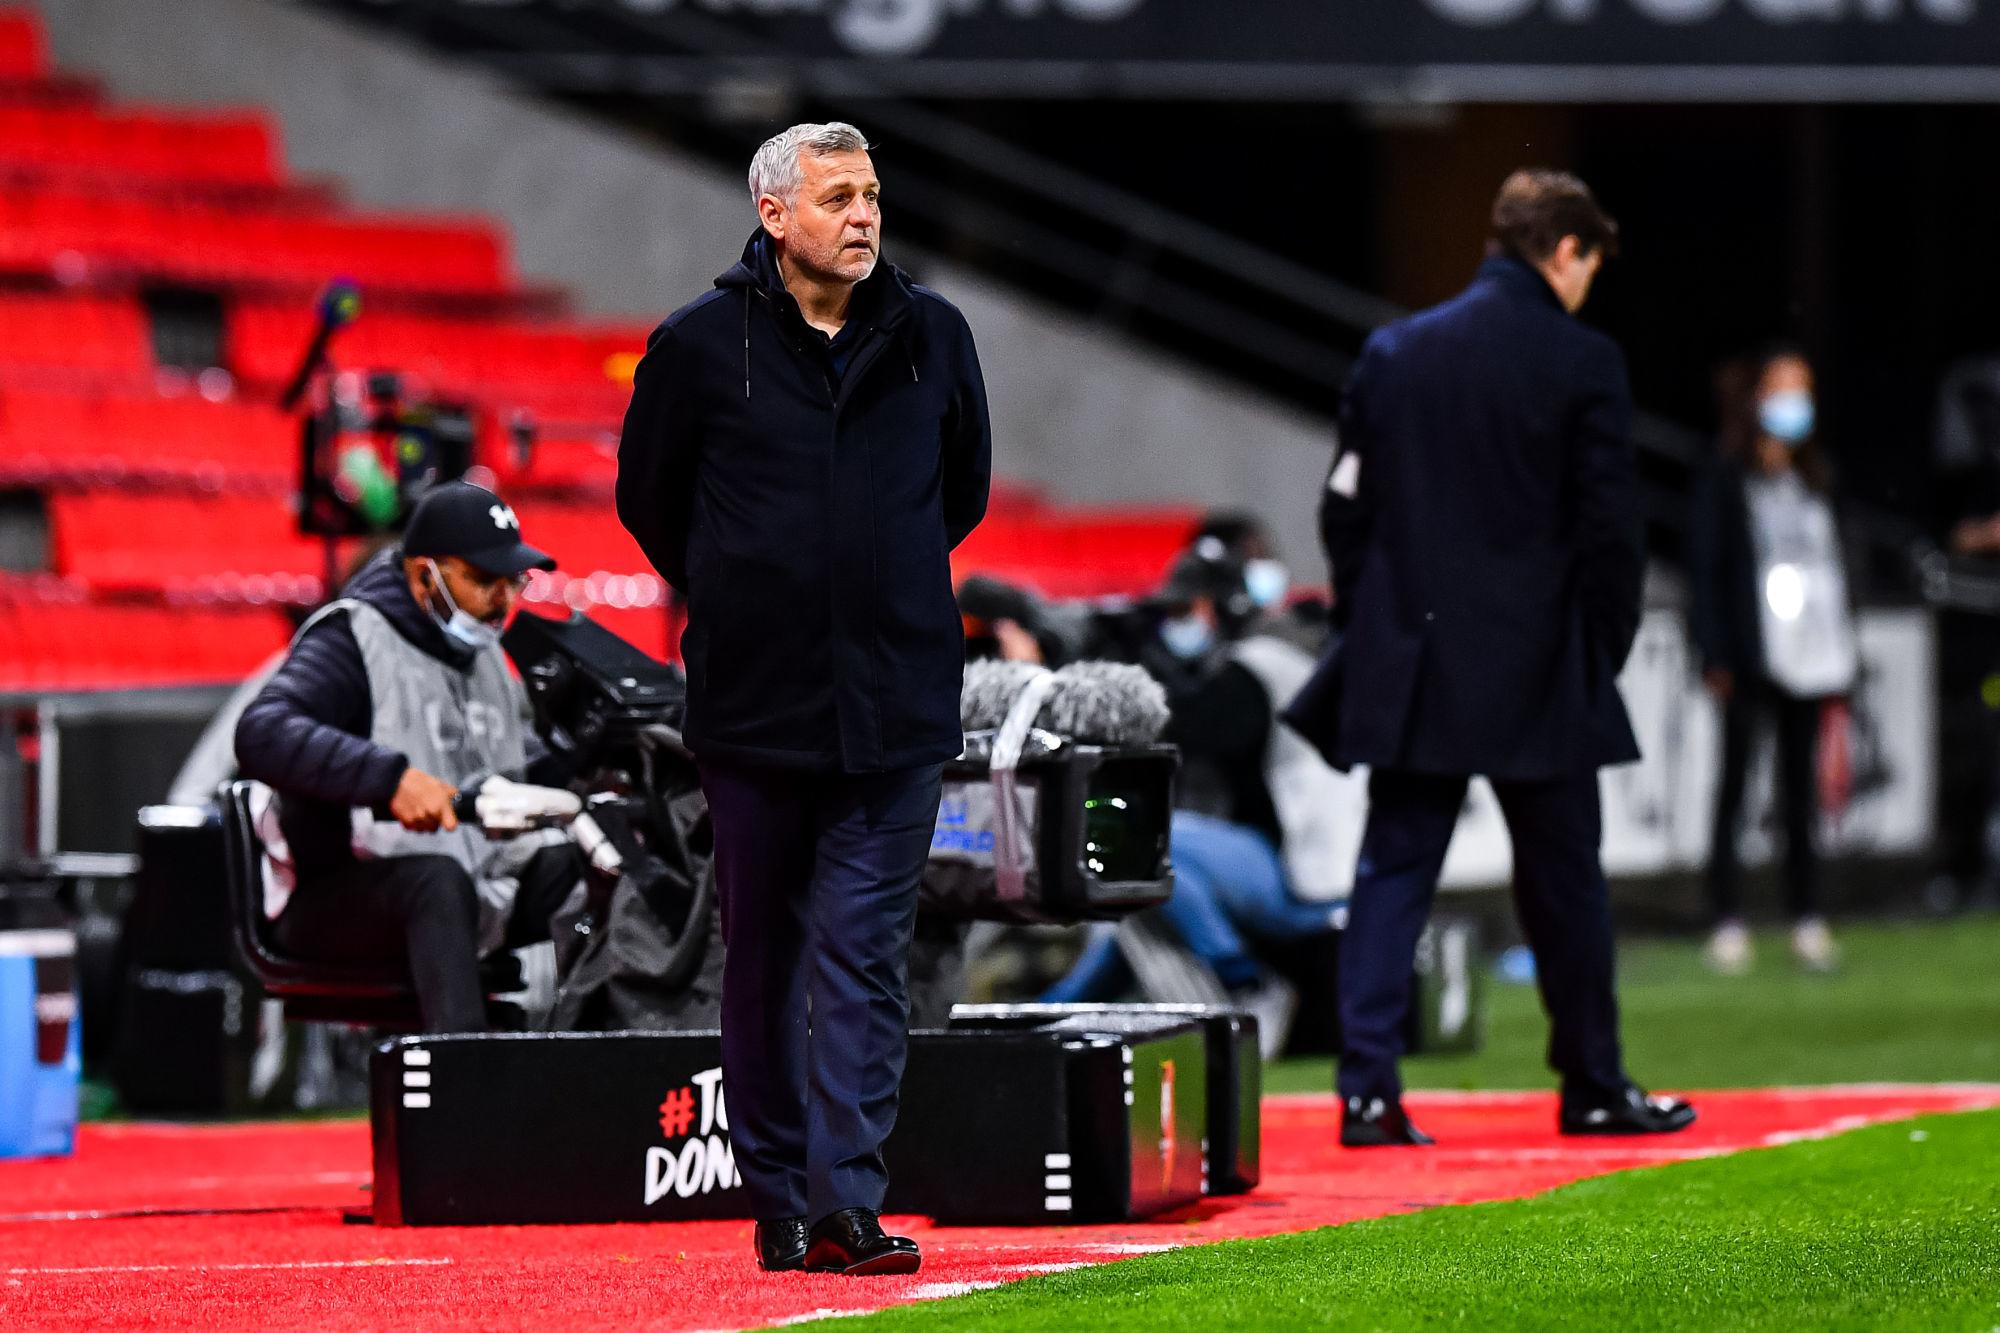 """Rennes/PSG - Génésio souligne """"on a aussi des forces pour les inquiéter."""""""